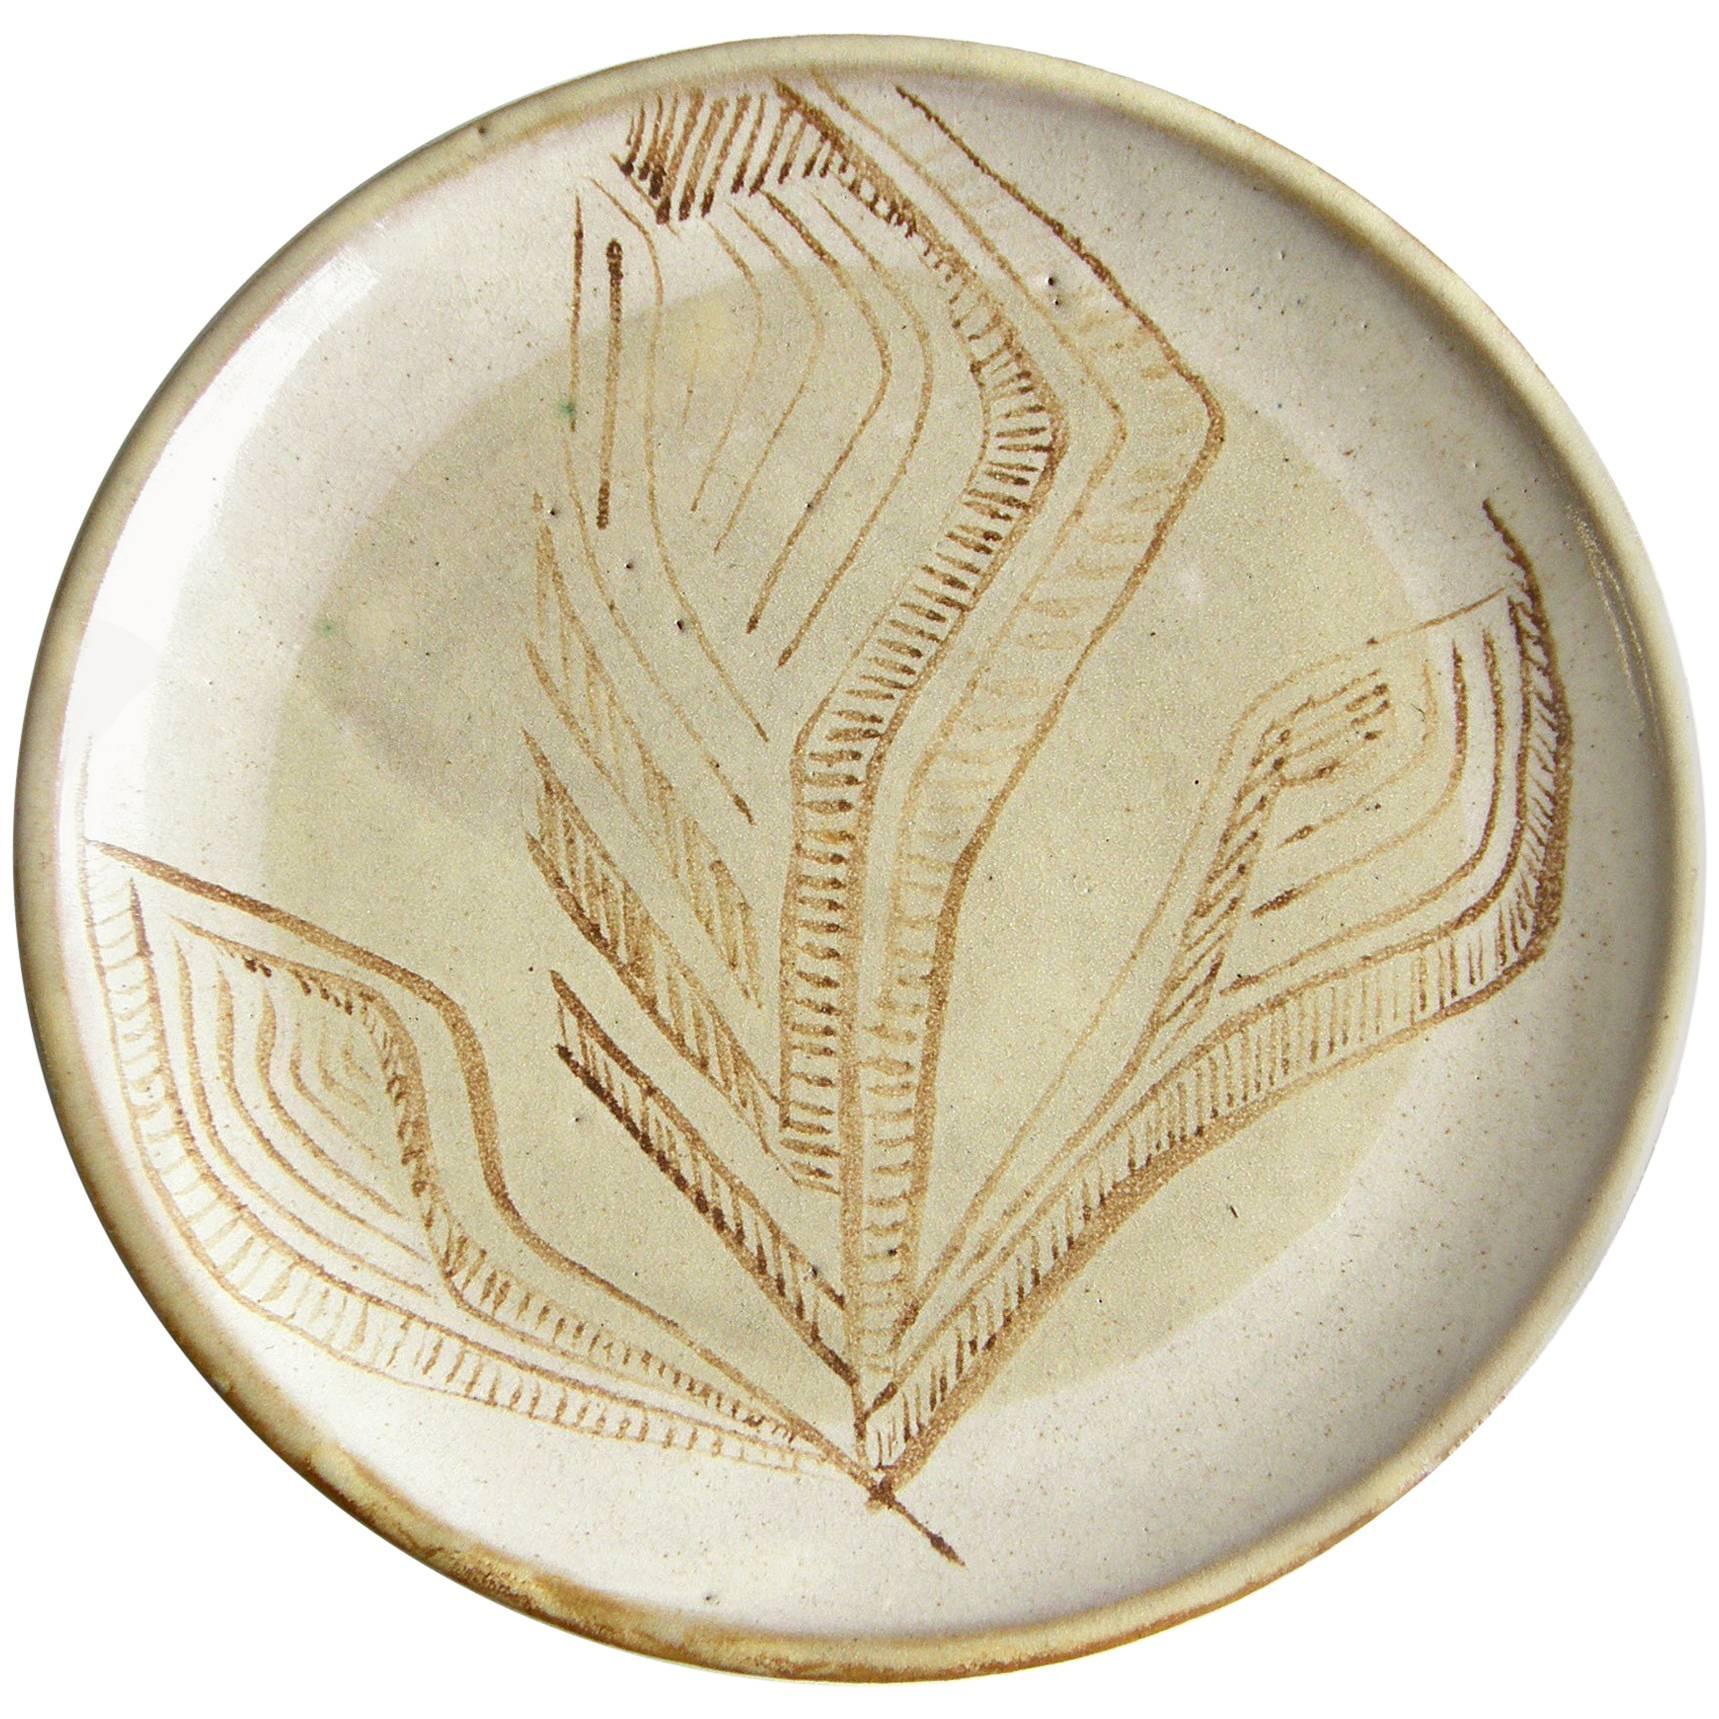 Ceramic Platter by Lee Rosen for Design Technics